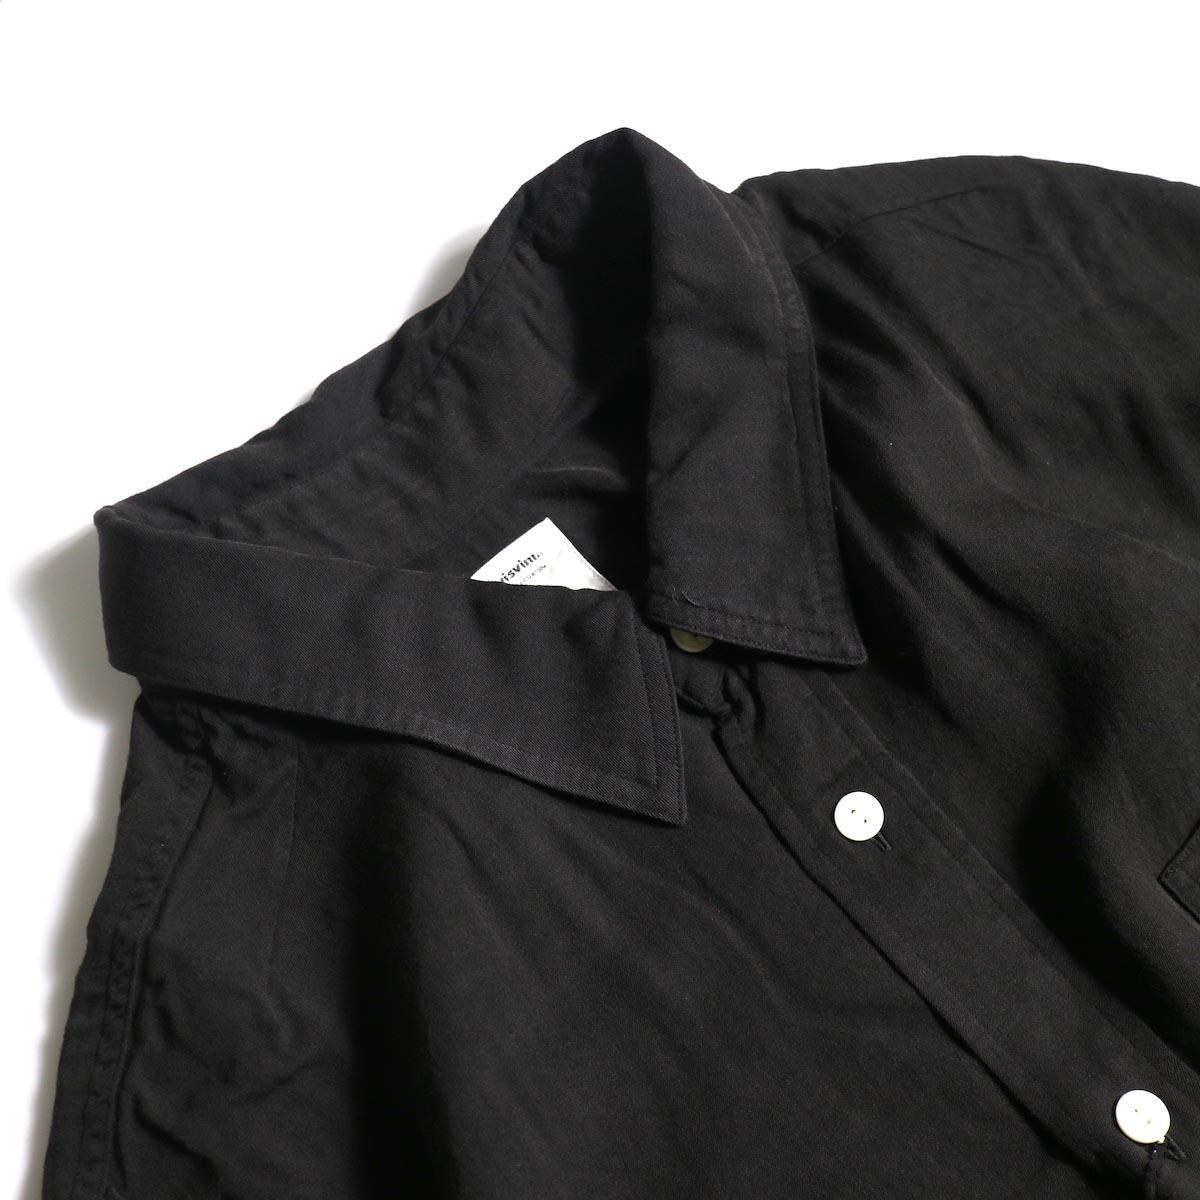 visvim / MAINSAIL SHIRT L/S (RAYON) (Black)襟